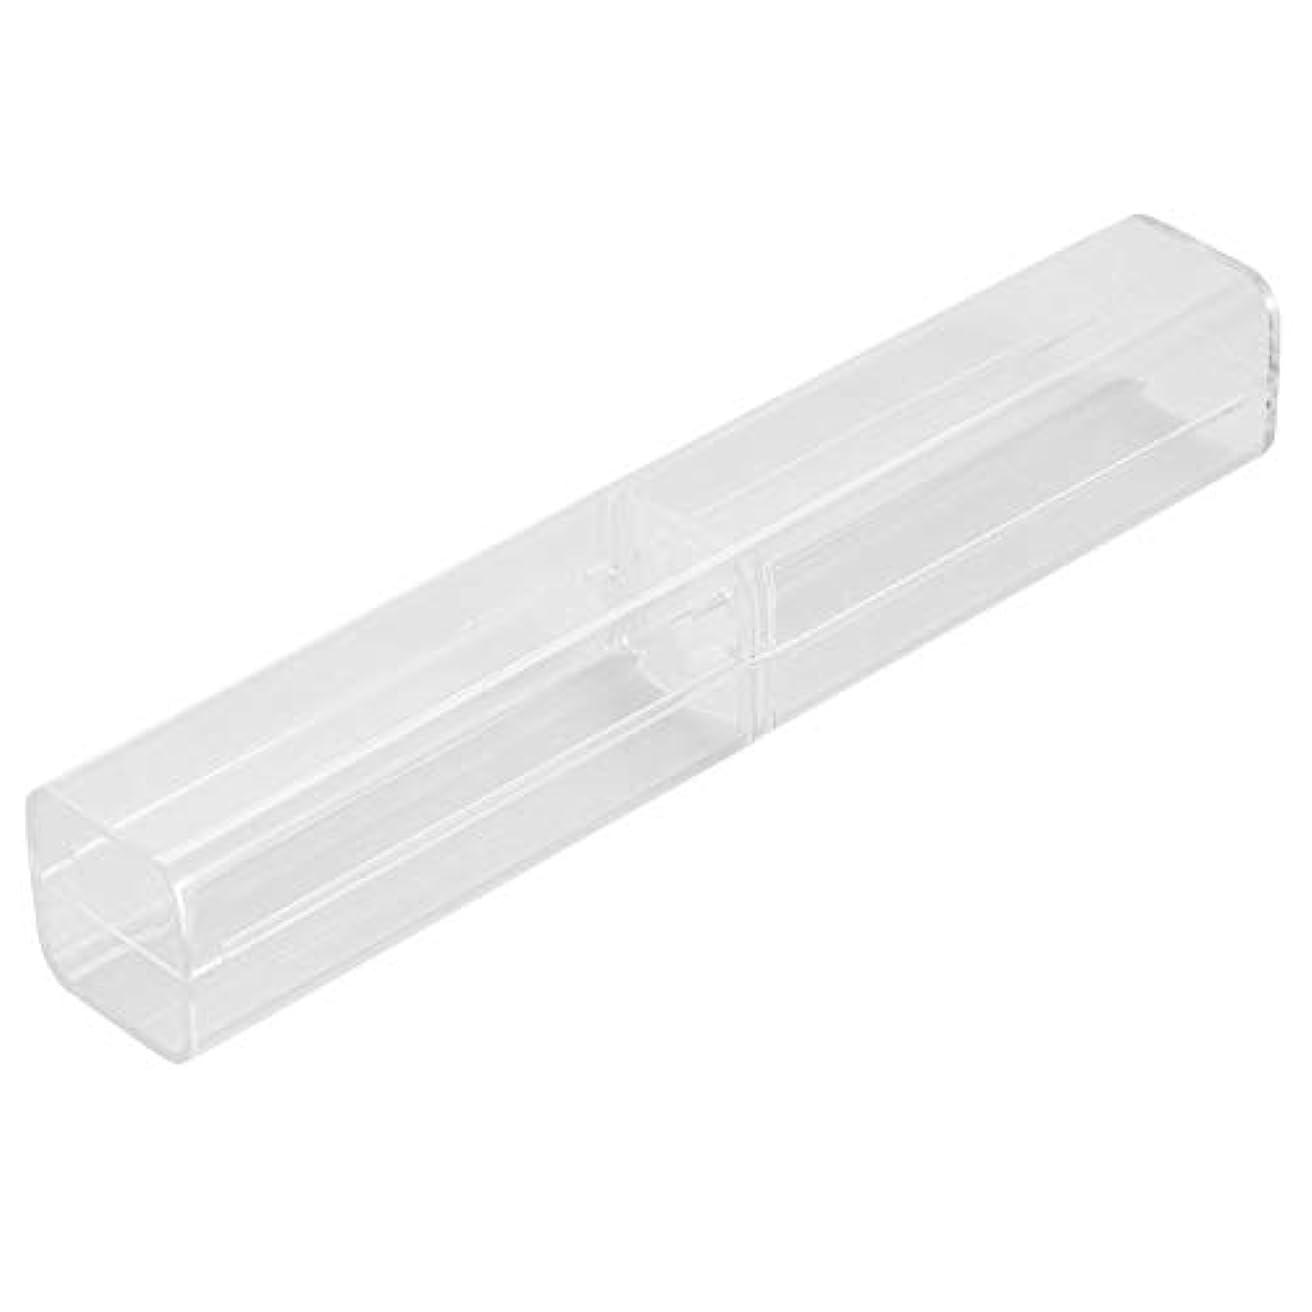 1ピース収納ボックス - 手動ペン眉毛タトゥークリアケース透明収納ボックス、収納ボックス - タトゥーコンテナ